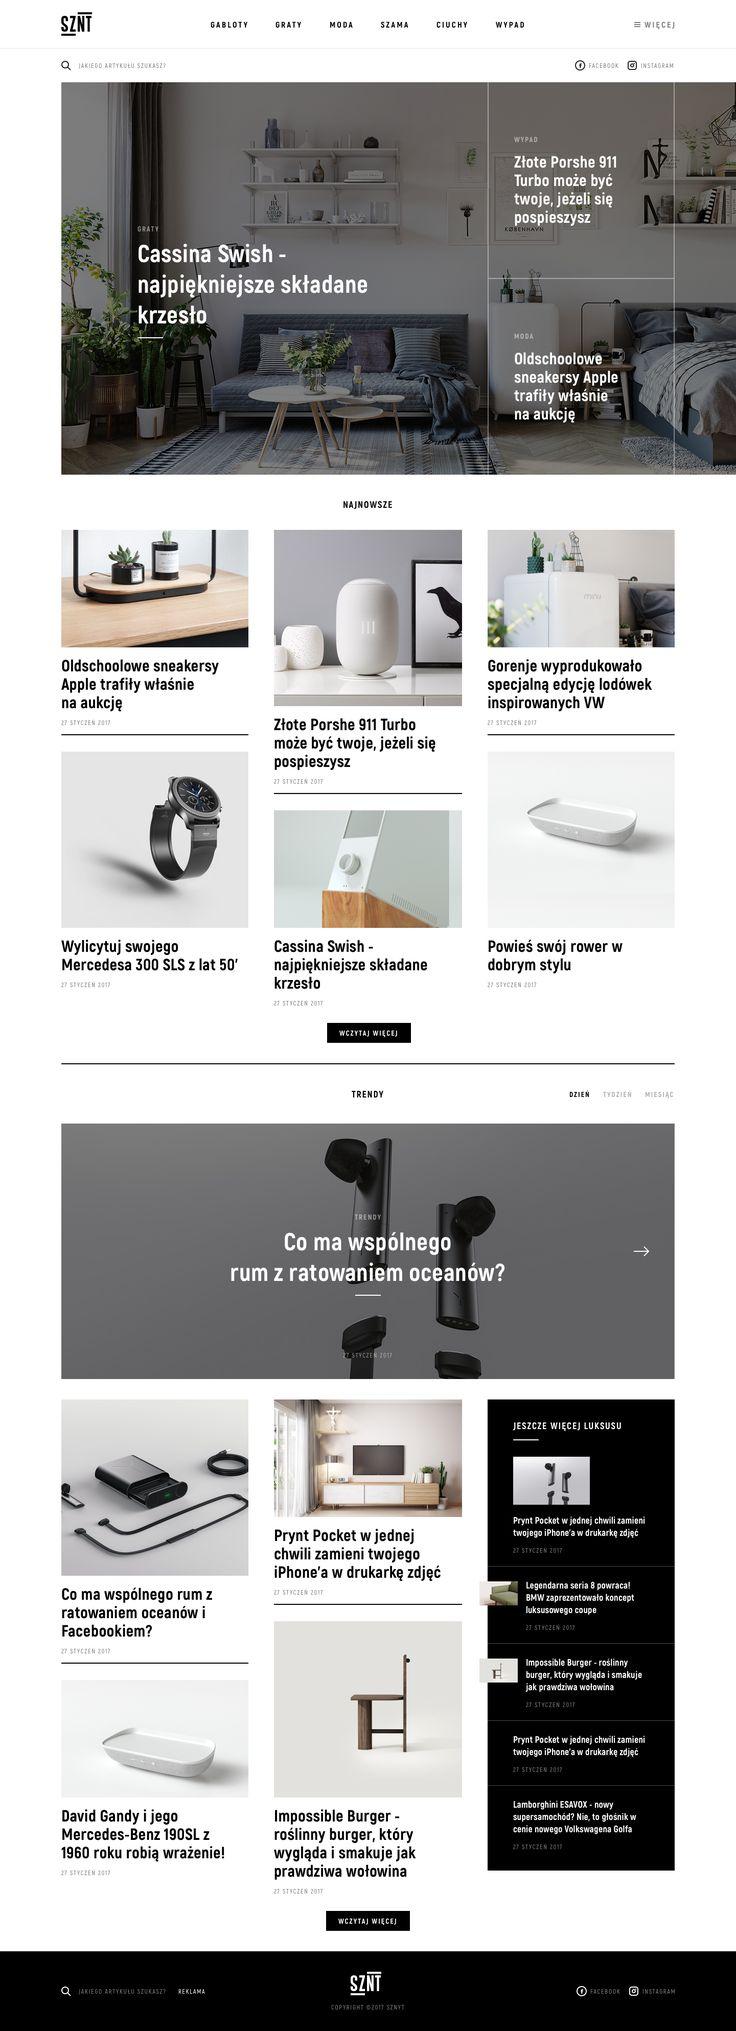 Sznyt homepage